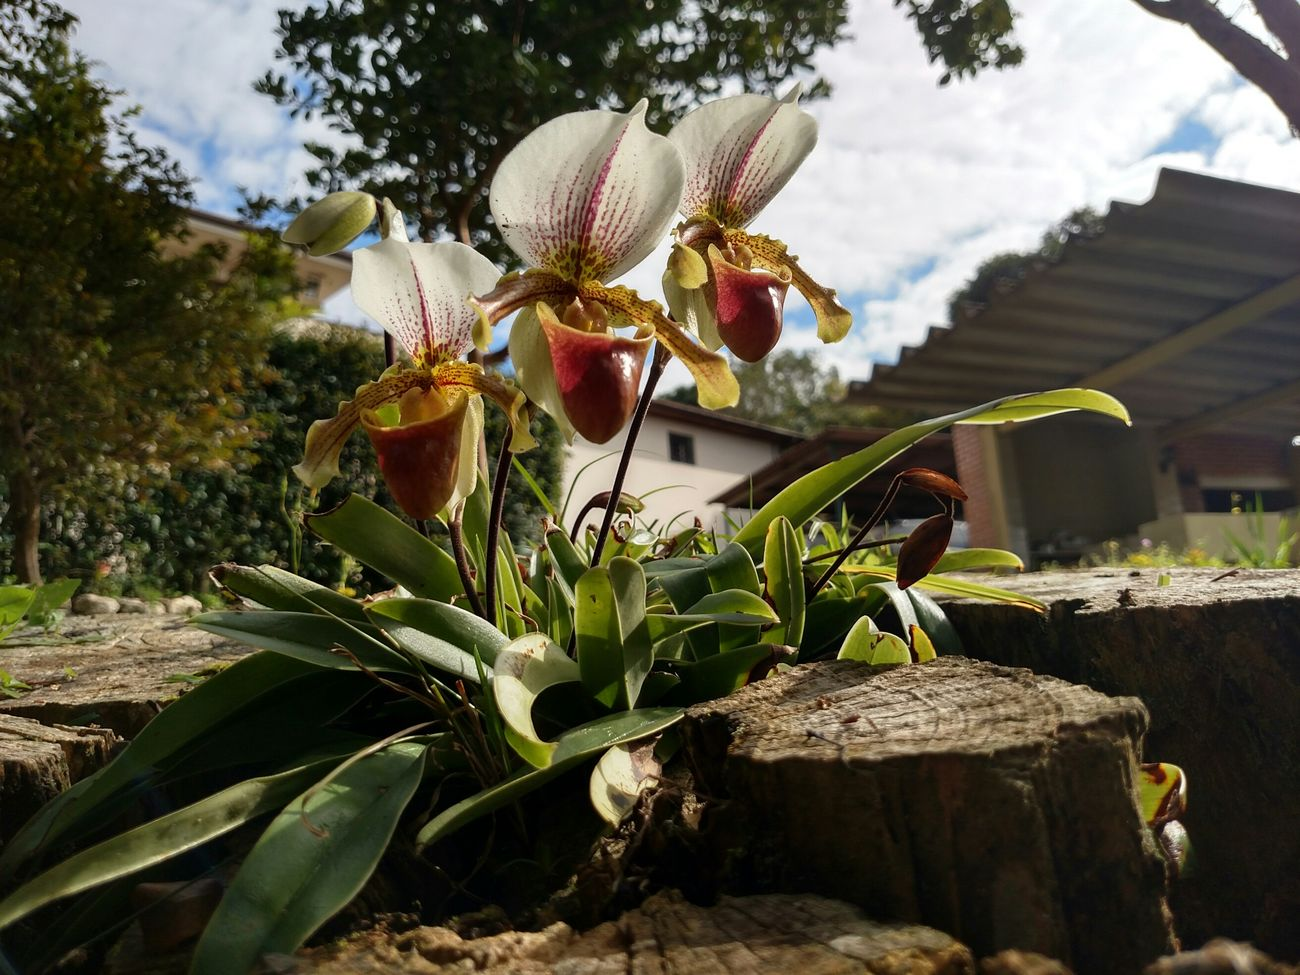 Orquídea Flowers,Plants & Garden In My Garden Orquideas❤ Flowers Plants Plants 🌱 Nature_collection Beautiful Nature Plants And Flowers